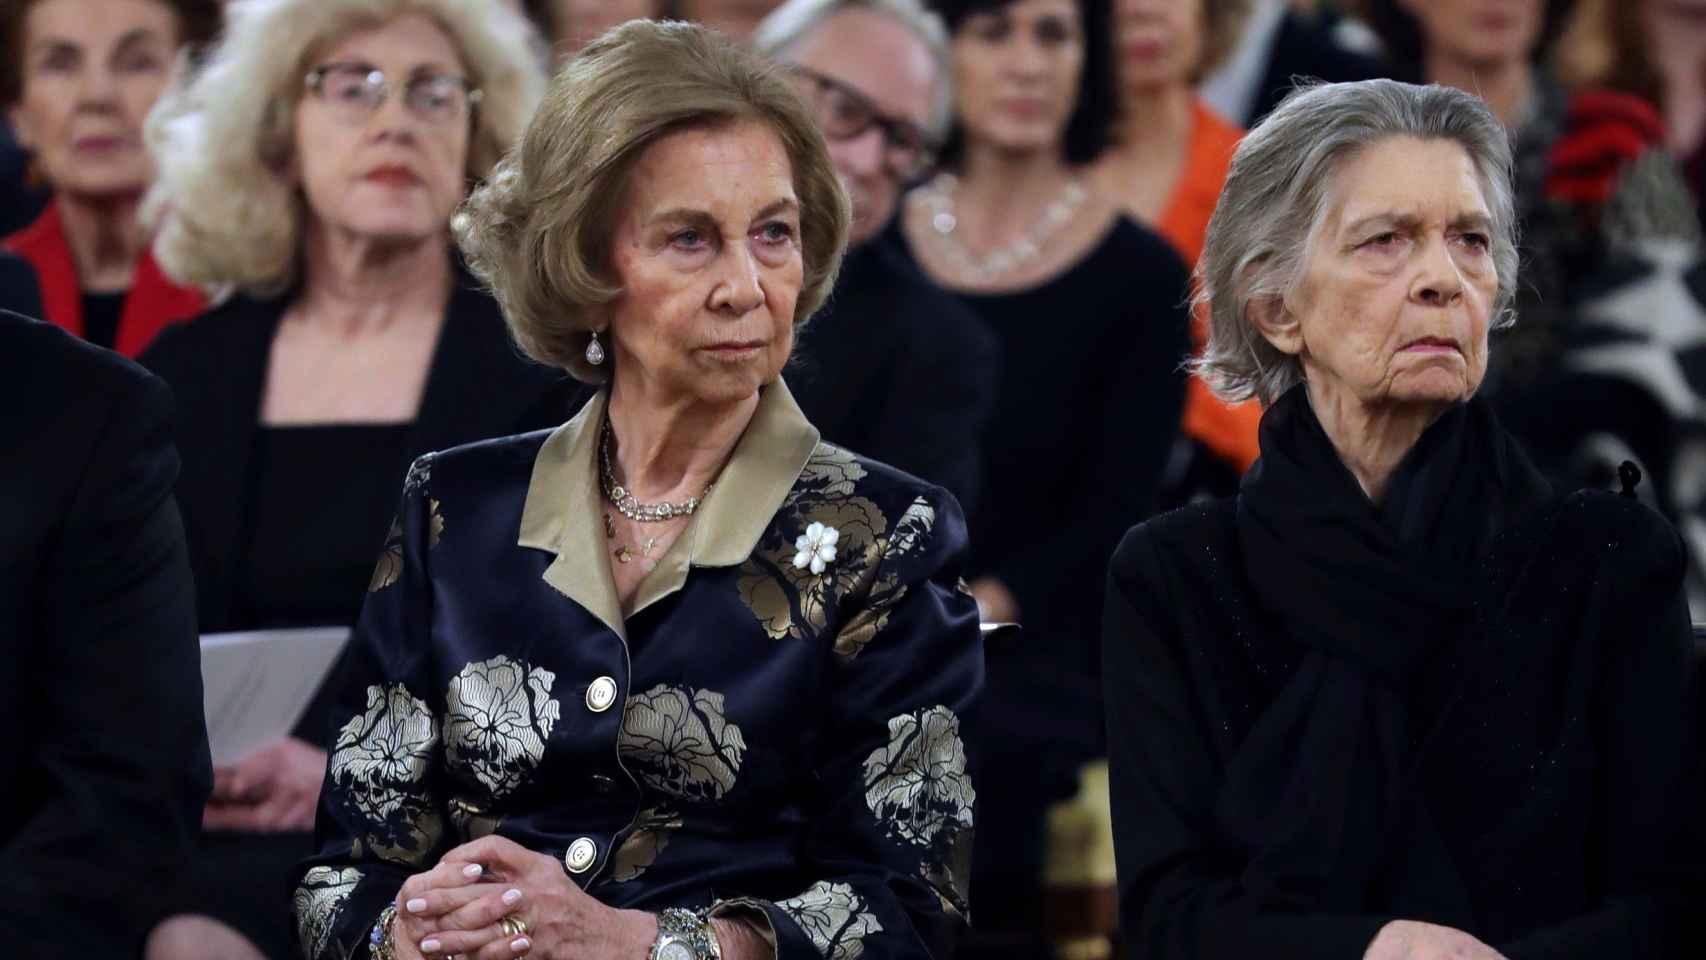 La reina Sofía e Irene de Grecia durante el concierto en homenaje a las víctimas del Holocausto.